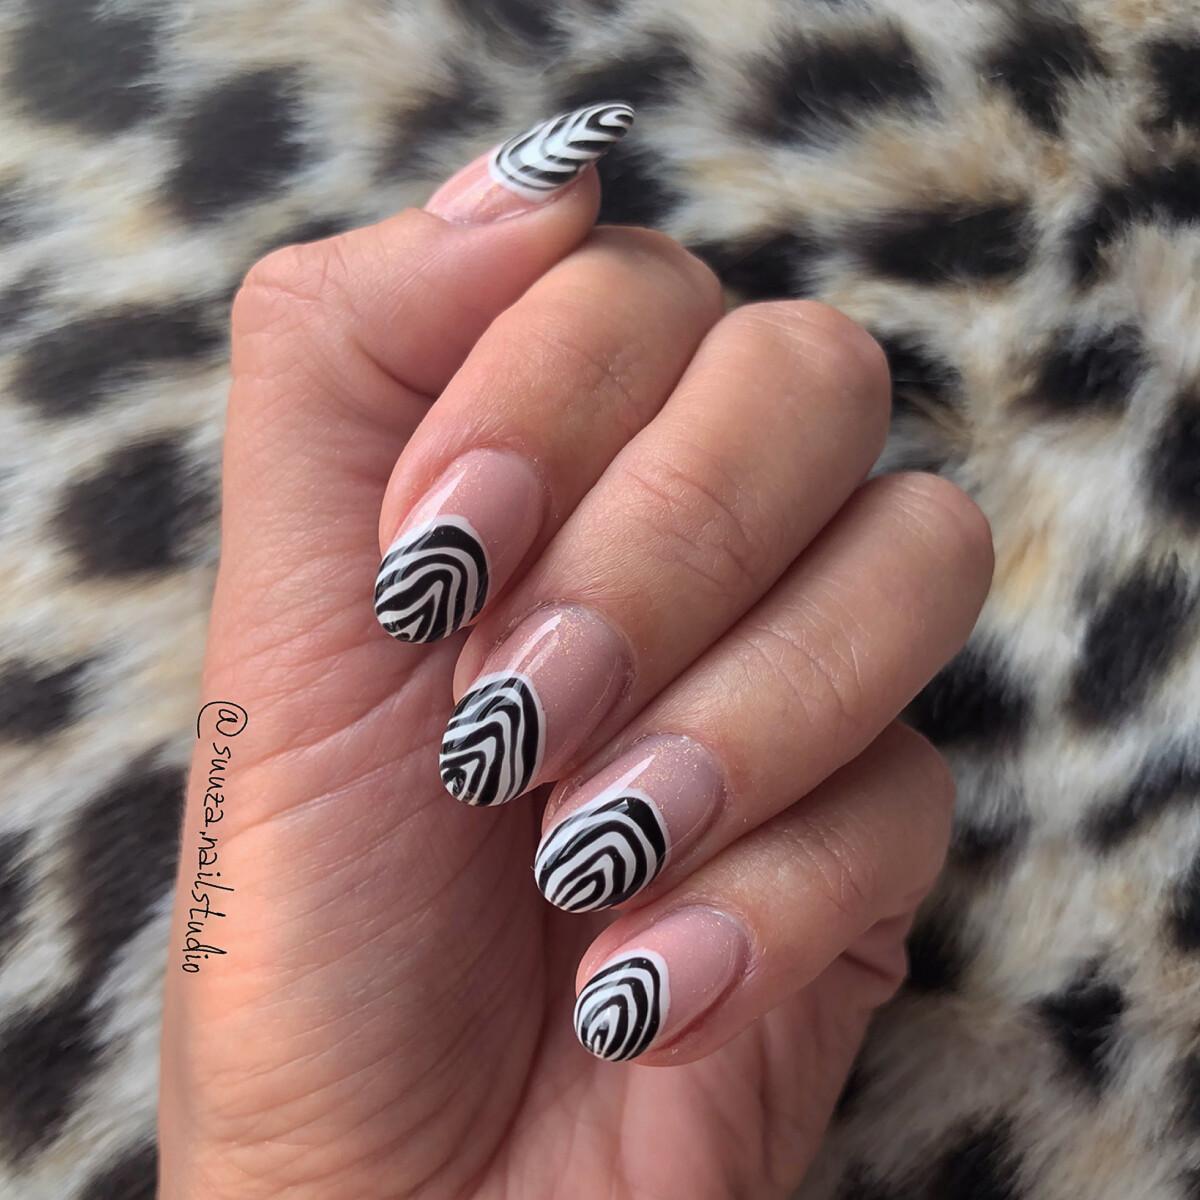 Gelnails basic + nail art extra